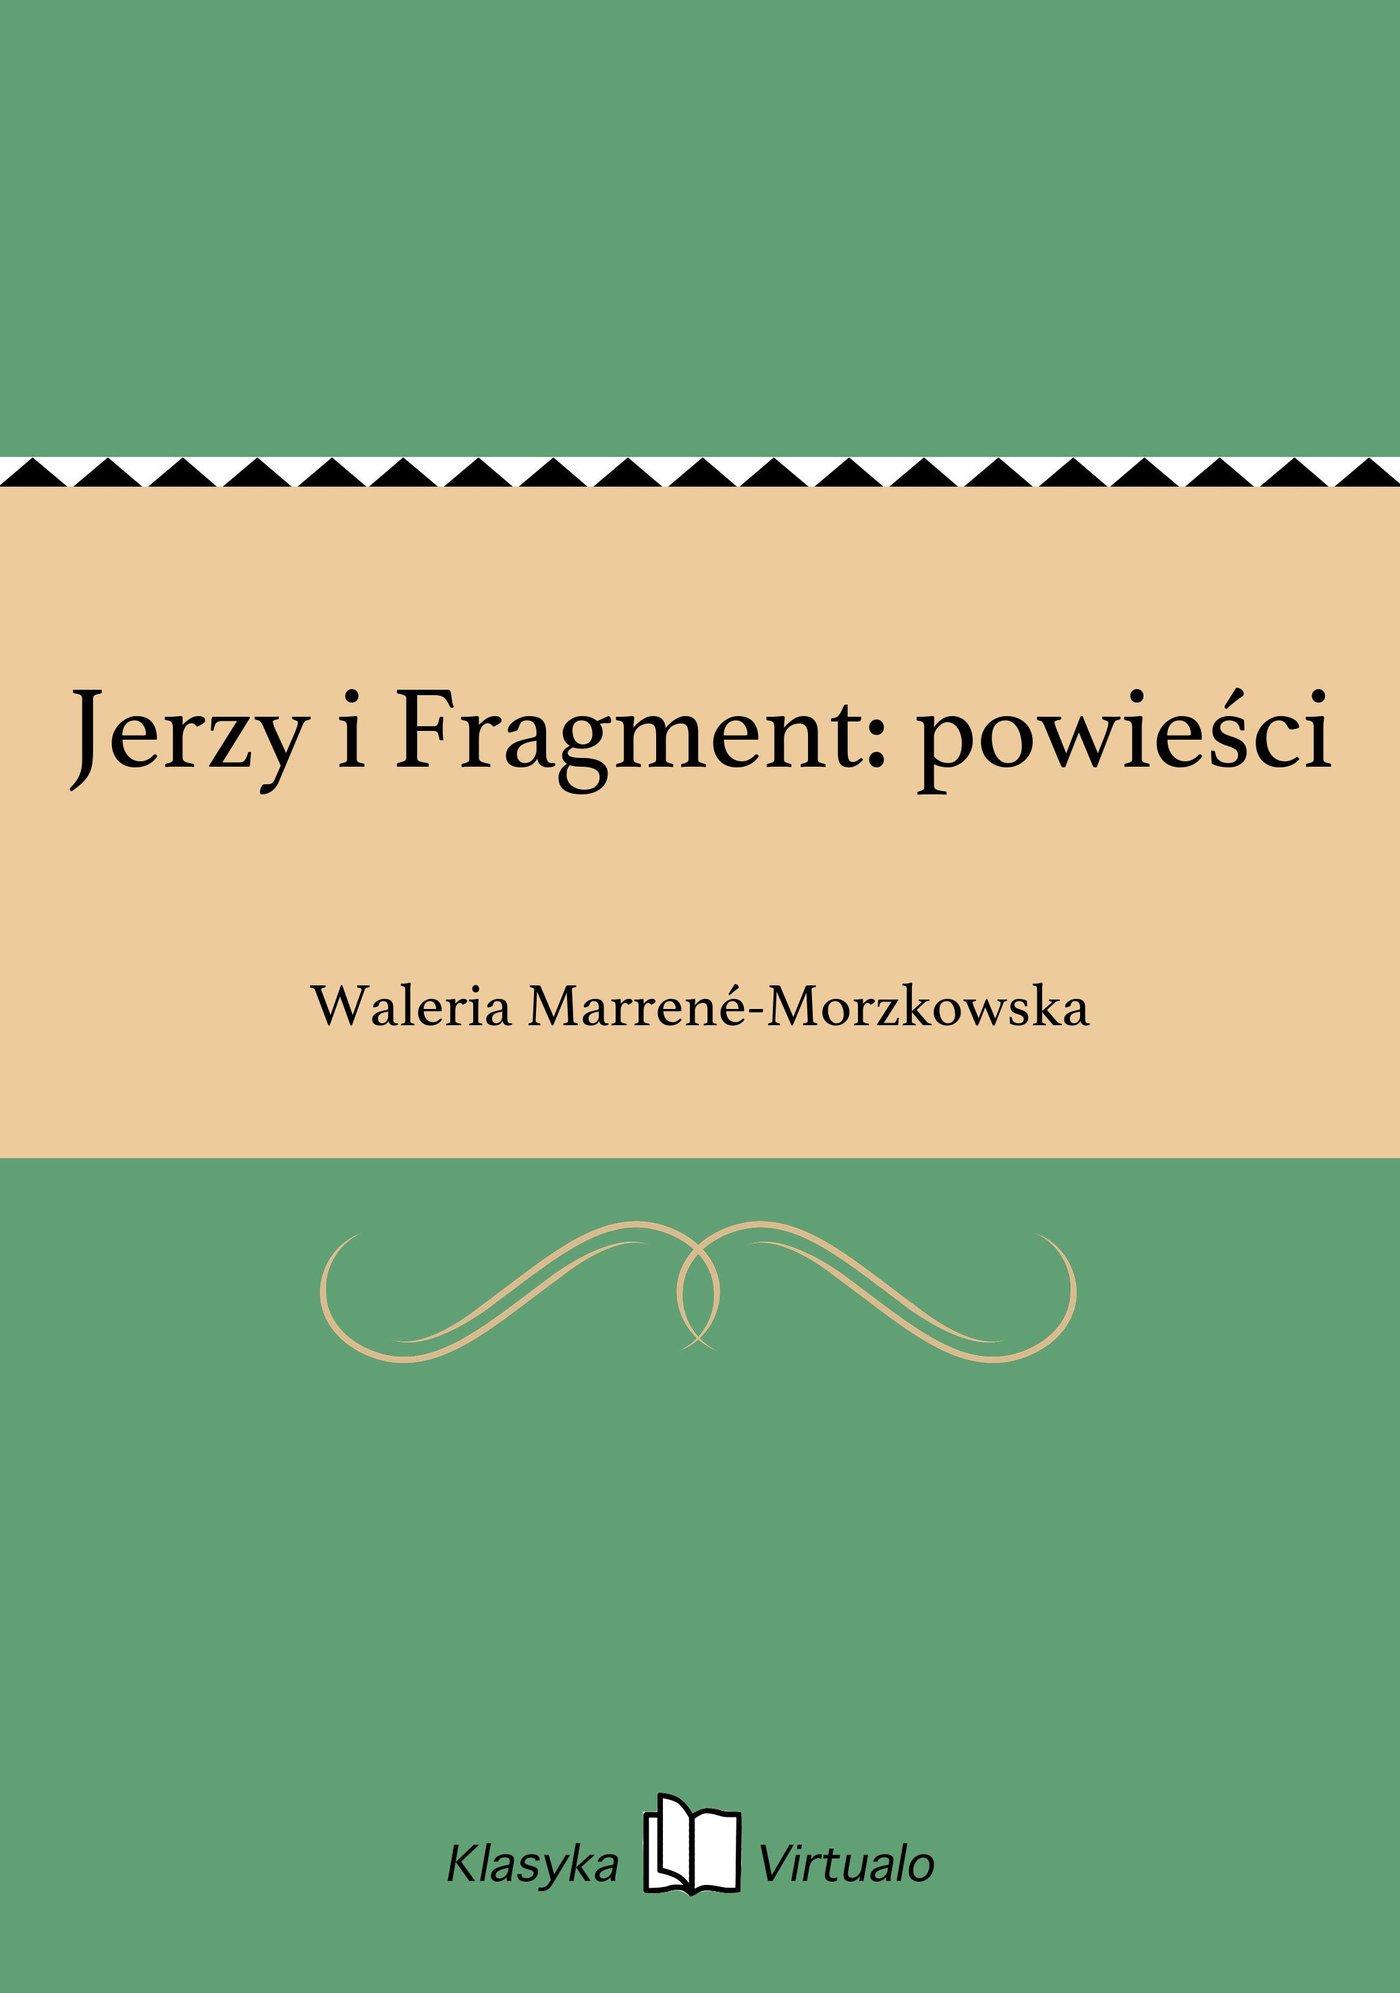 Jerzy i Fragment: powieści - Ebook (Książka EPUB) do pobrania w formacie EPUB